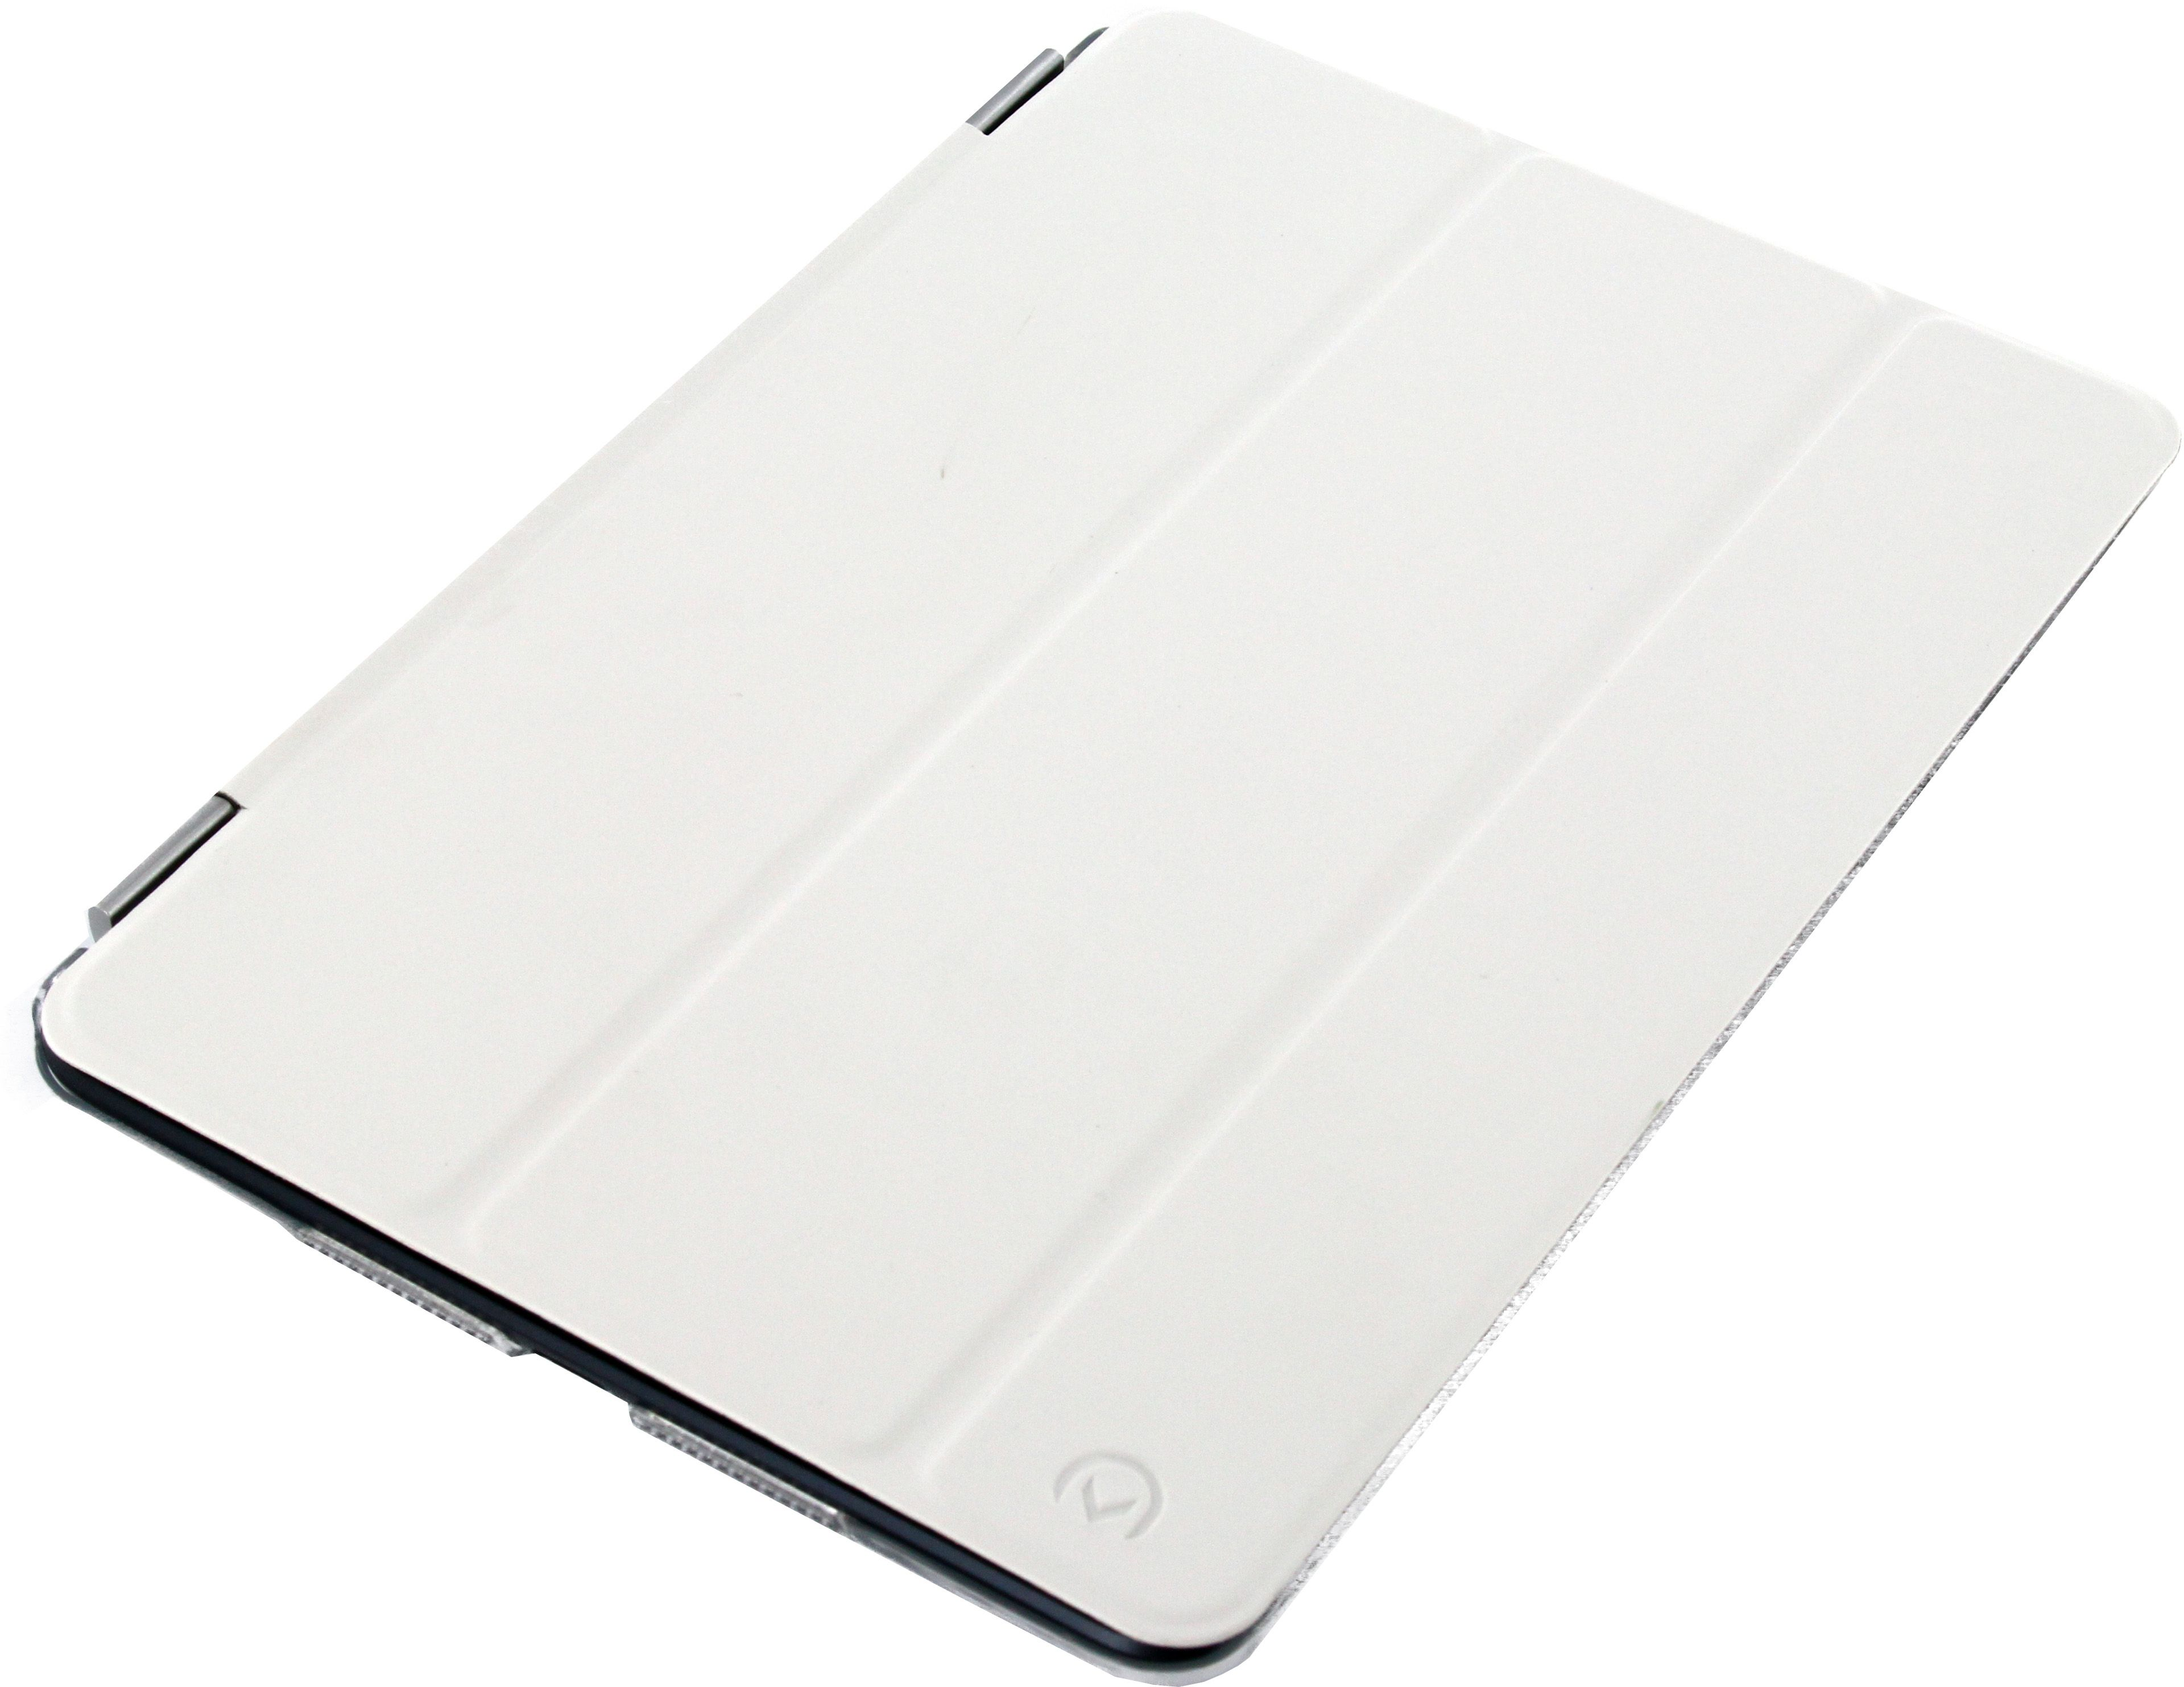 Billede af Tablet Smart Cover inkl. Transparent Etui Apple iPad Mini 2 / 3 Hvid